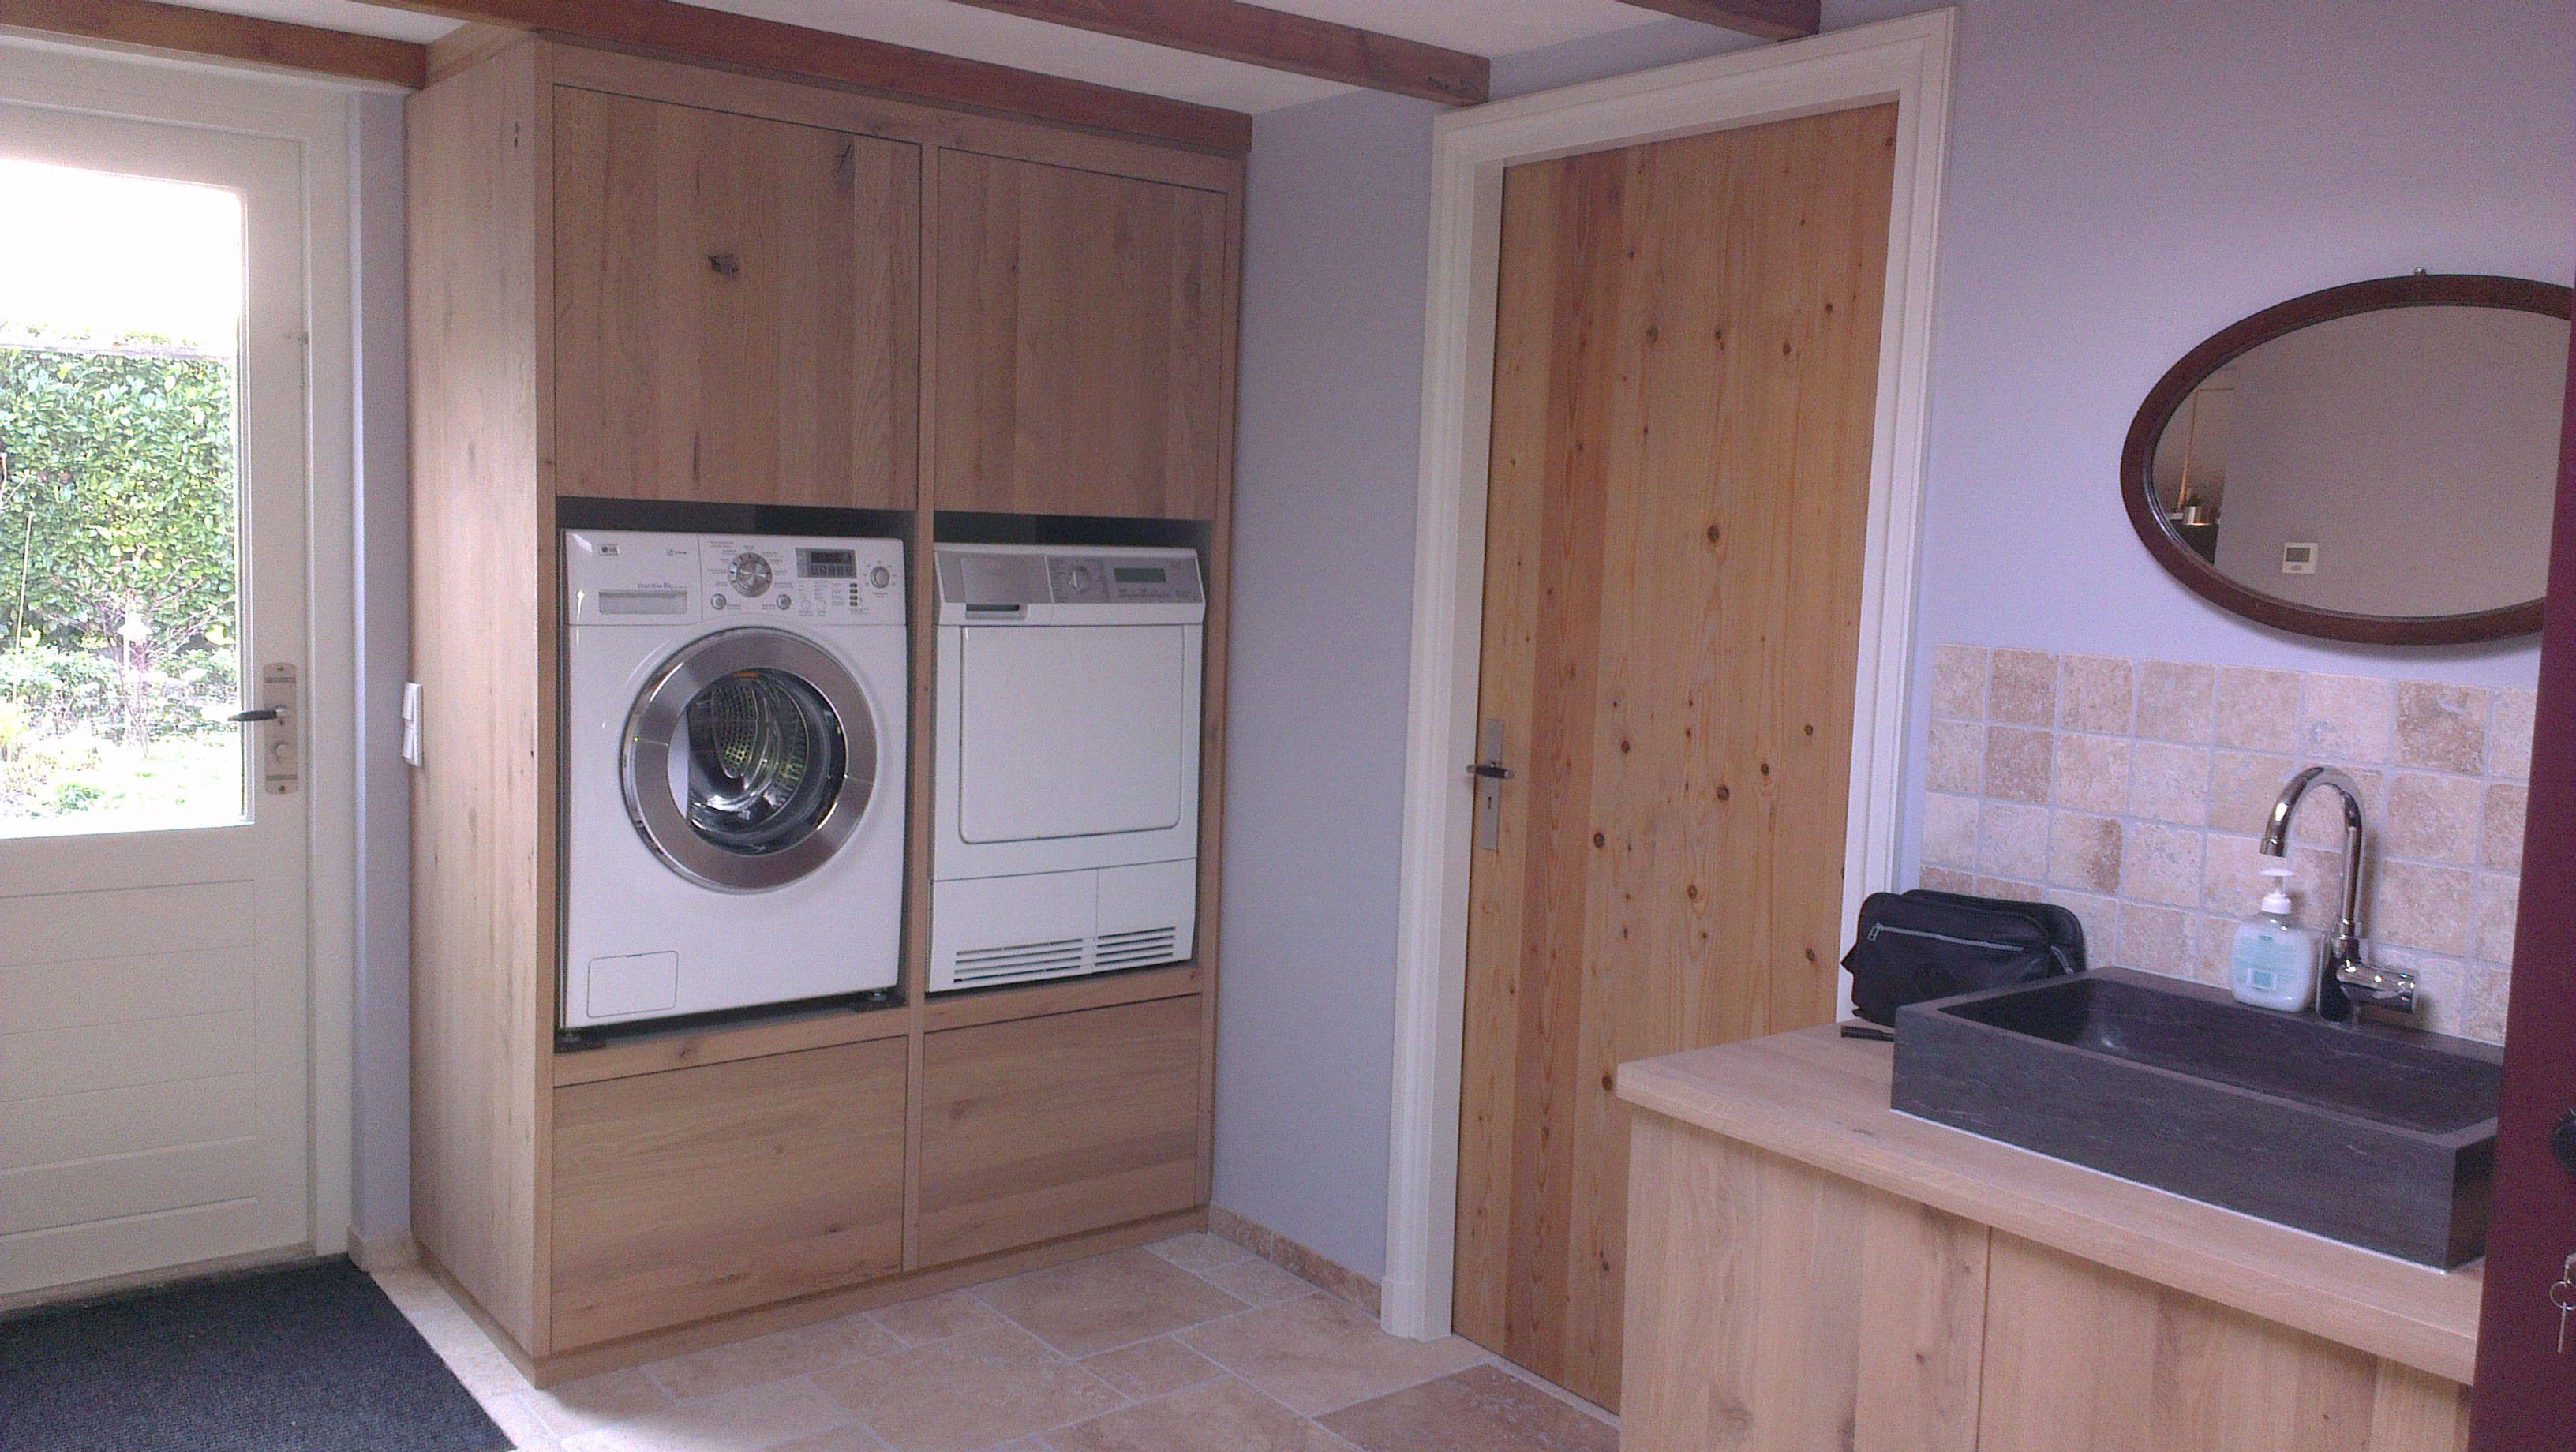 Wasbak kast 002857 ontwerp inspiratie voor de badkamer en de kamer inrichting - Tot een badkamer ...